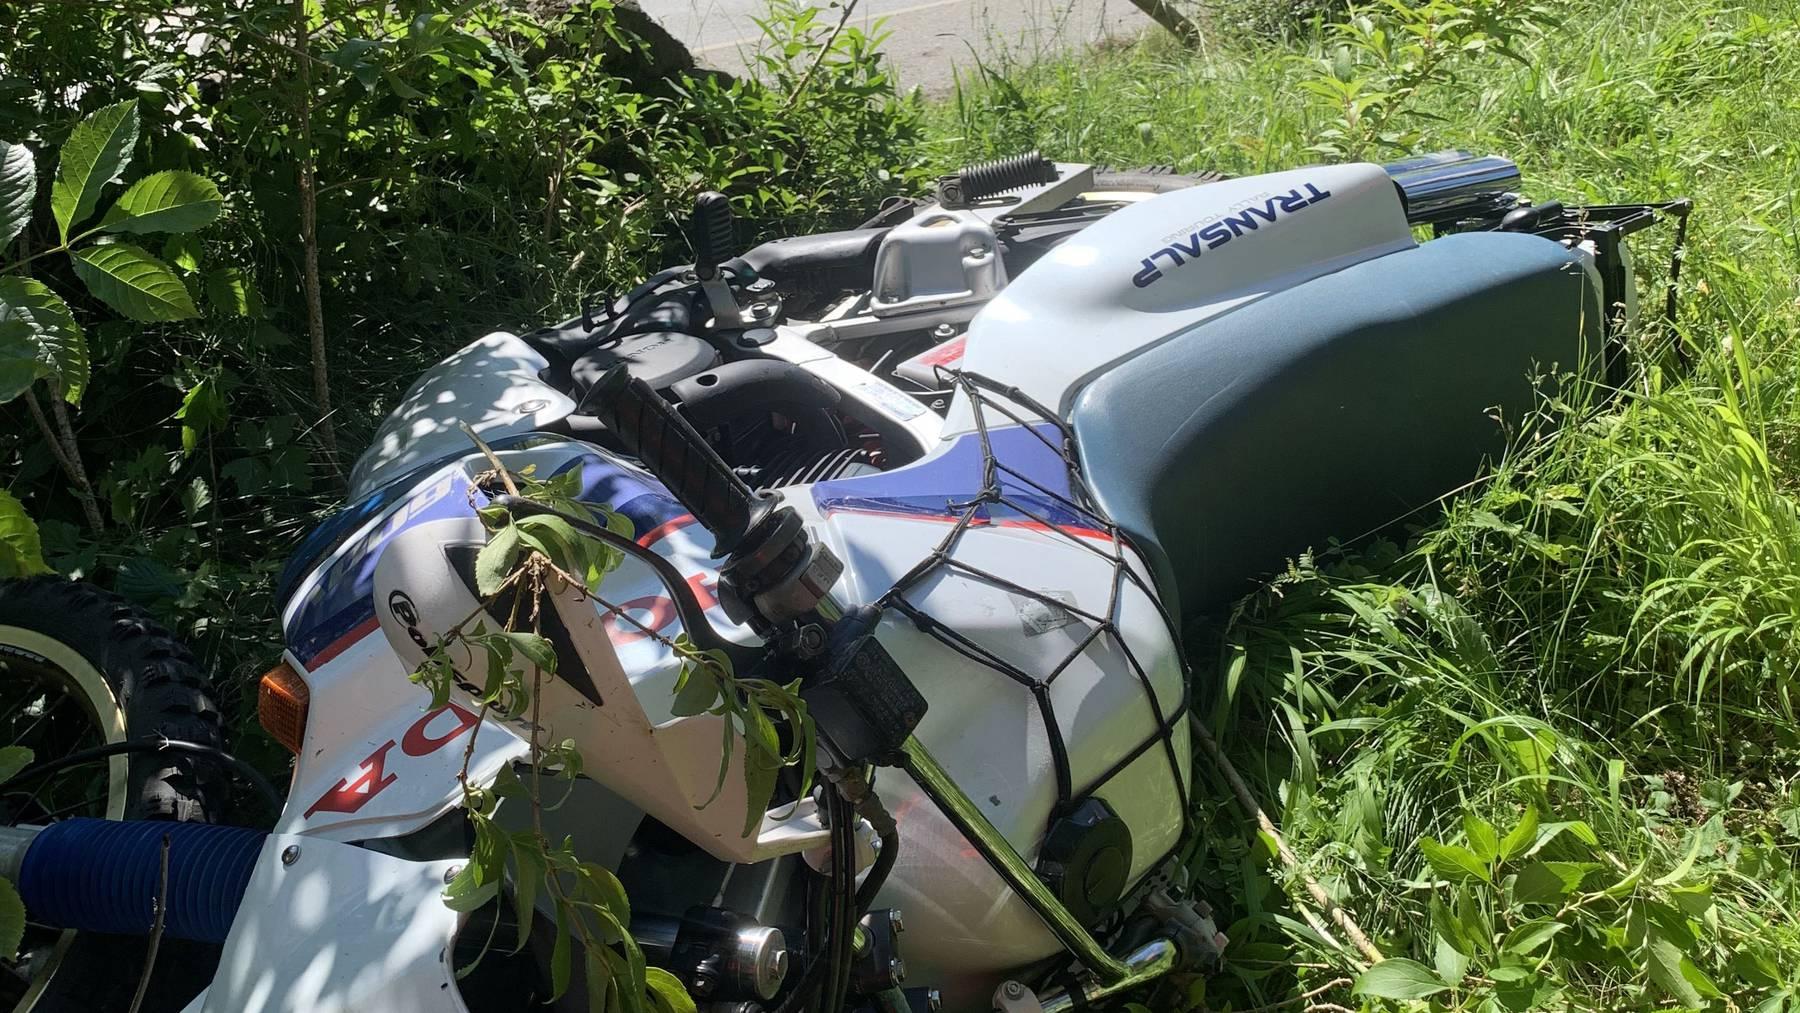 Der 33-jährige Motorradfahrer zog sich schwere Verletzungen zu.